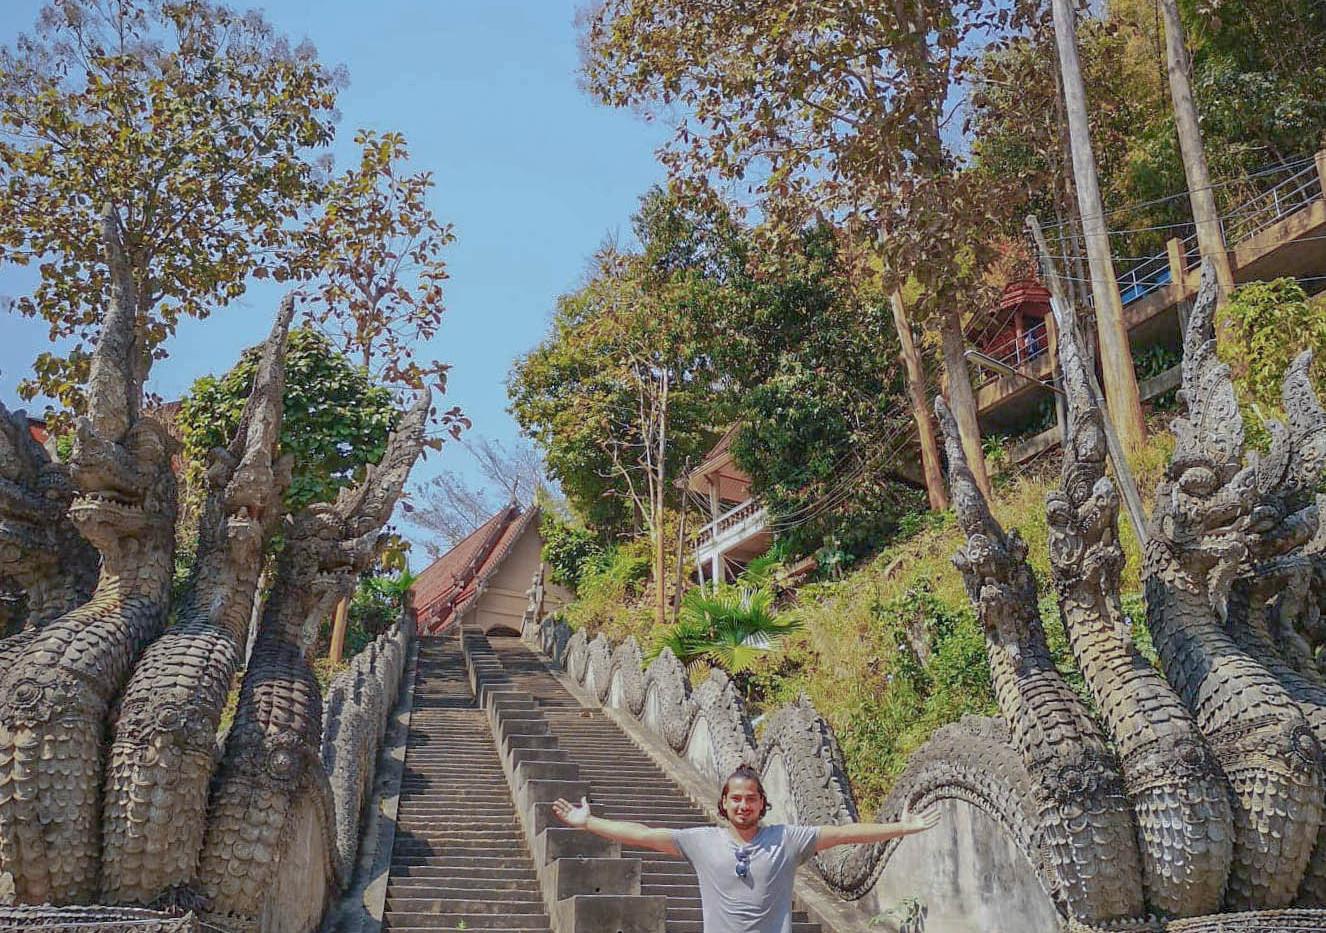 Escaliers près du Triangle d'or